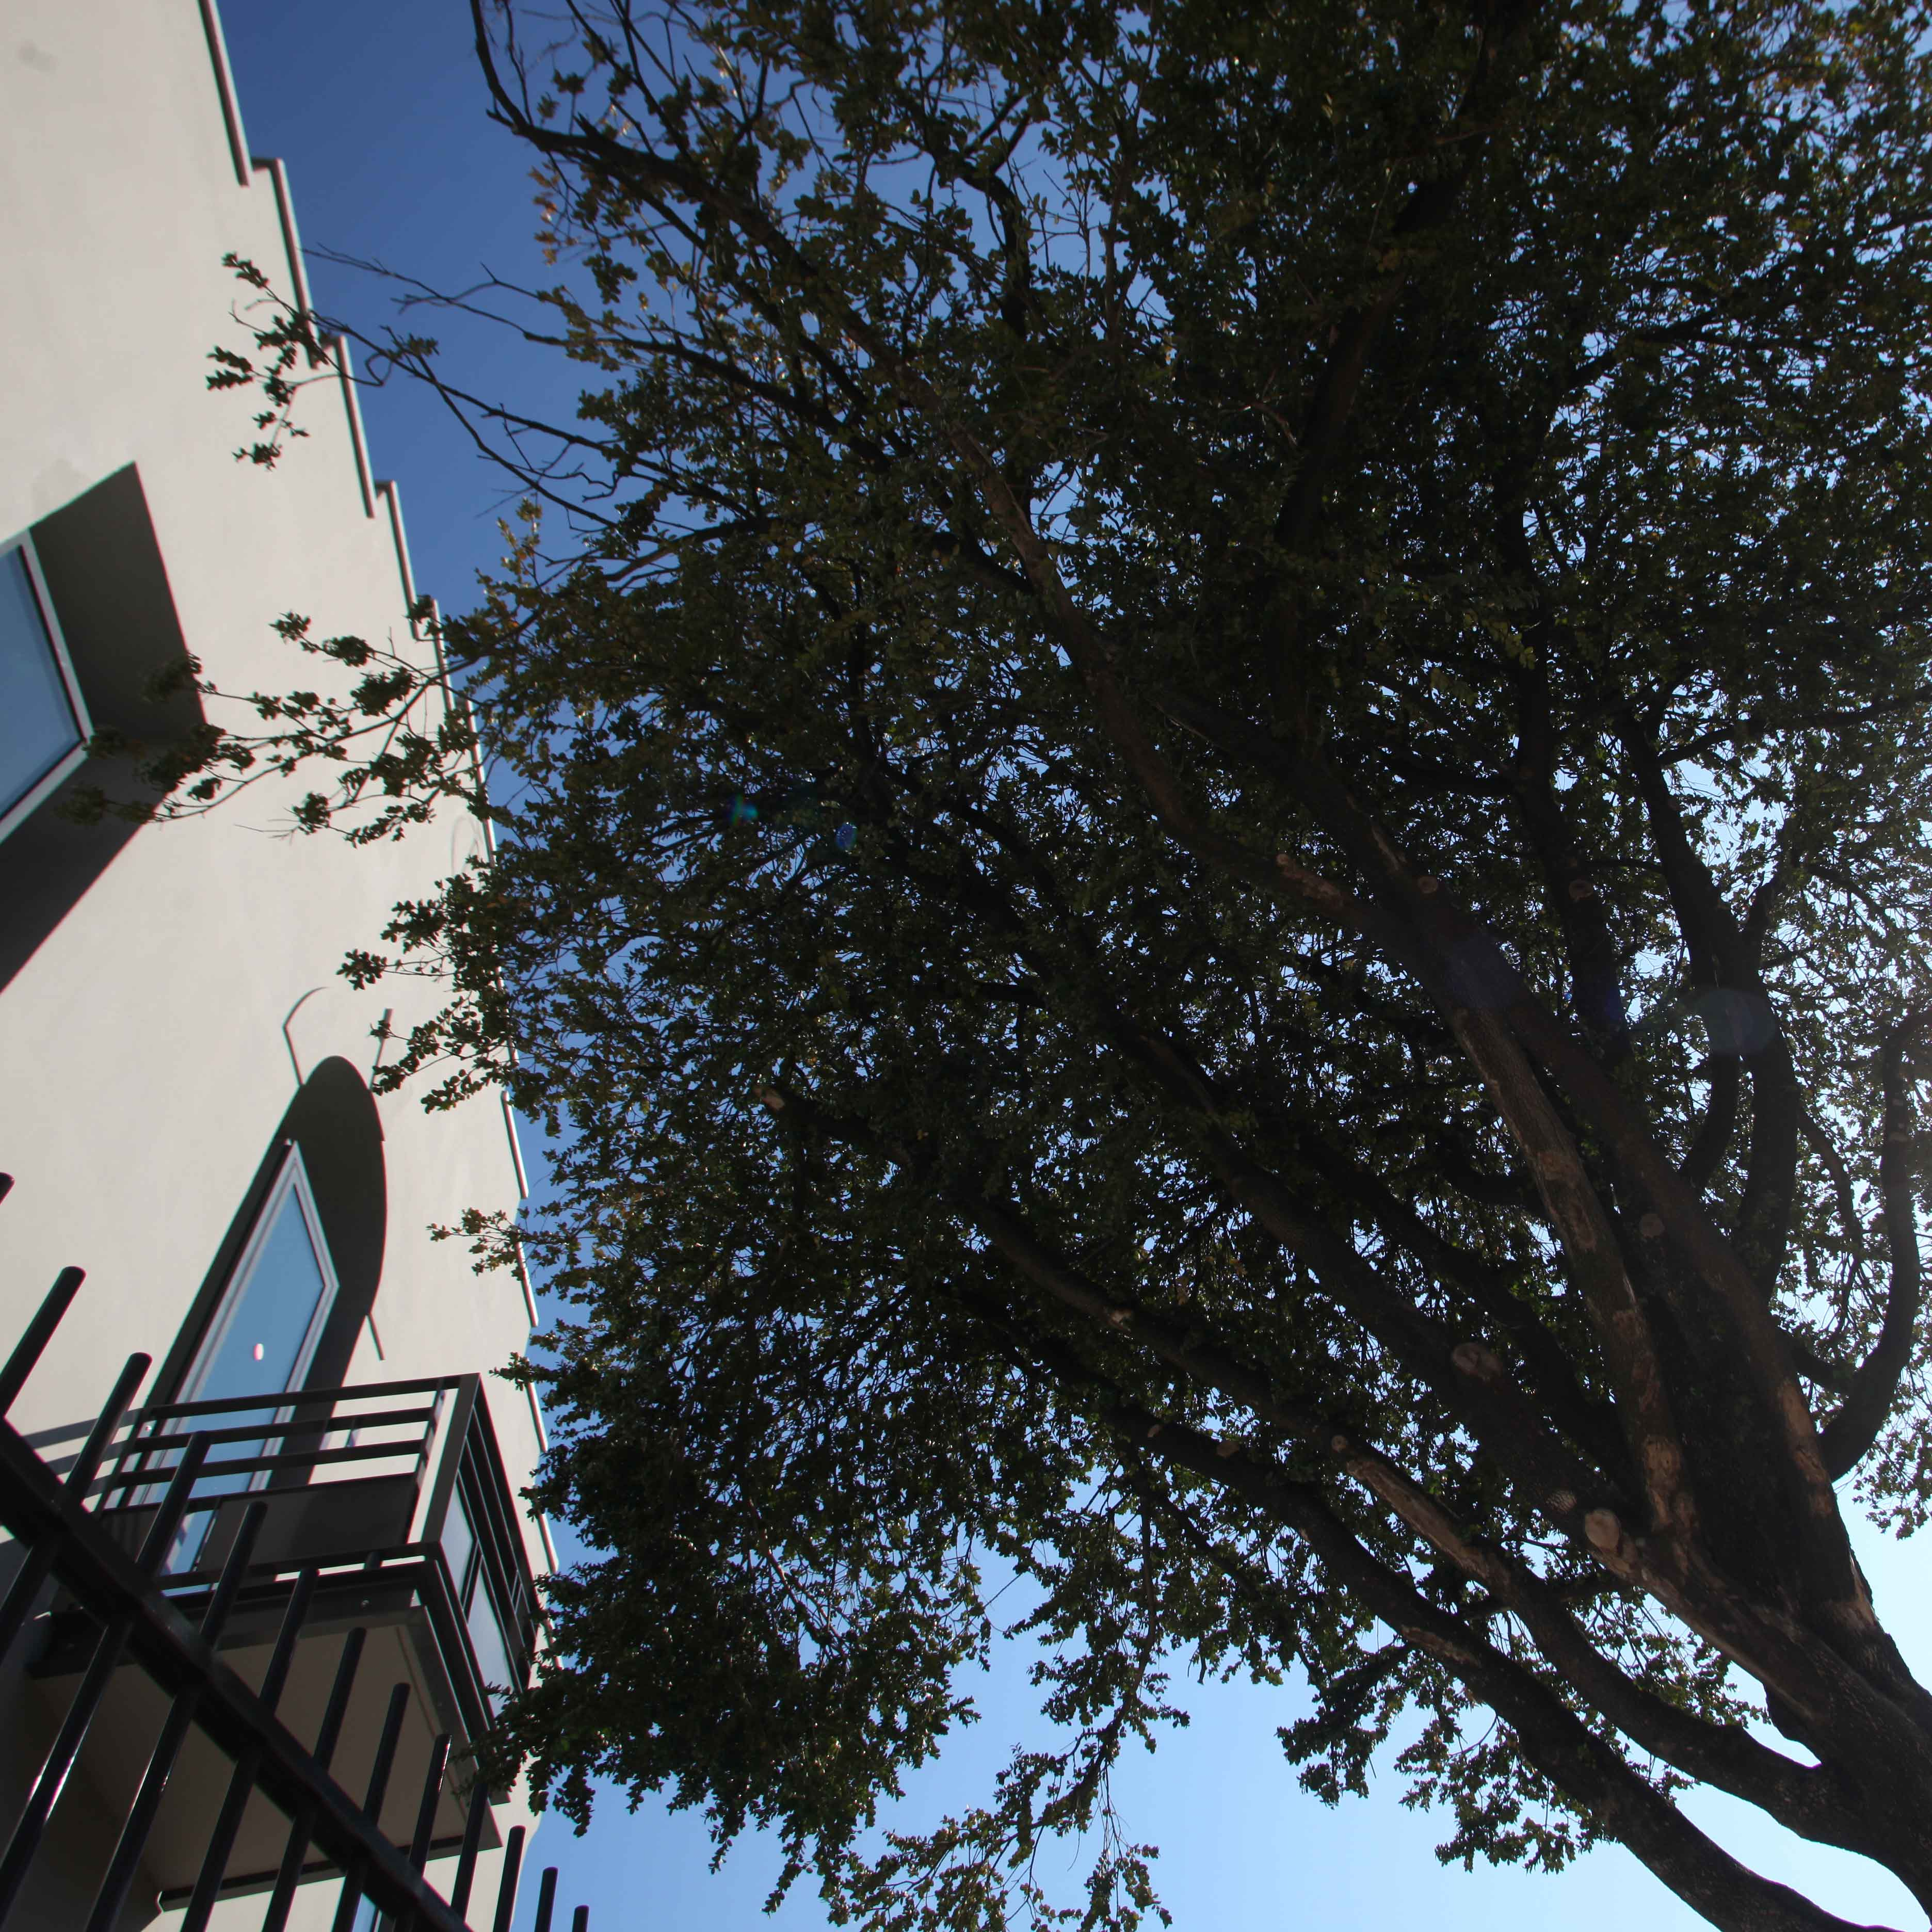 Carnets des mémoires : faire parler les arbres